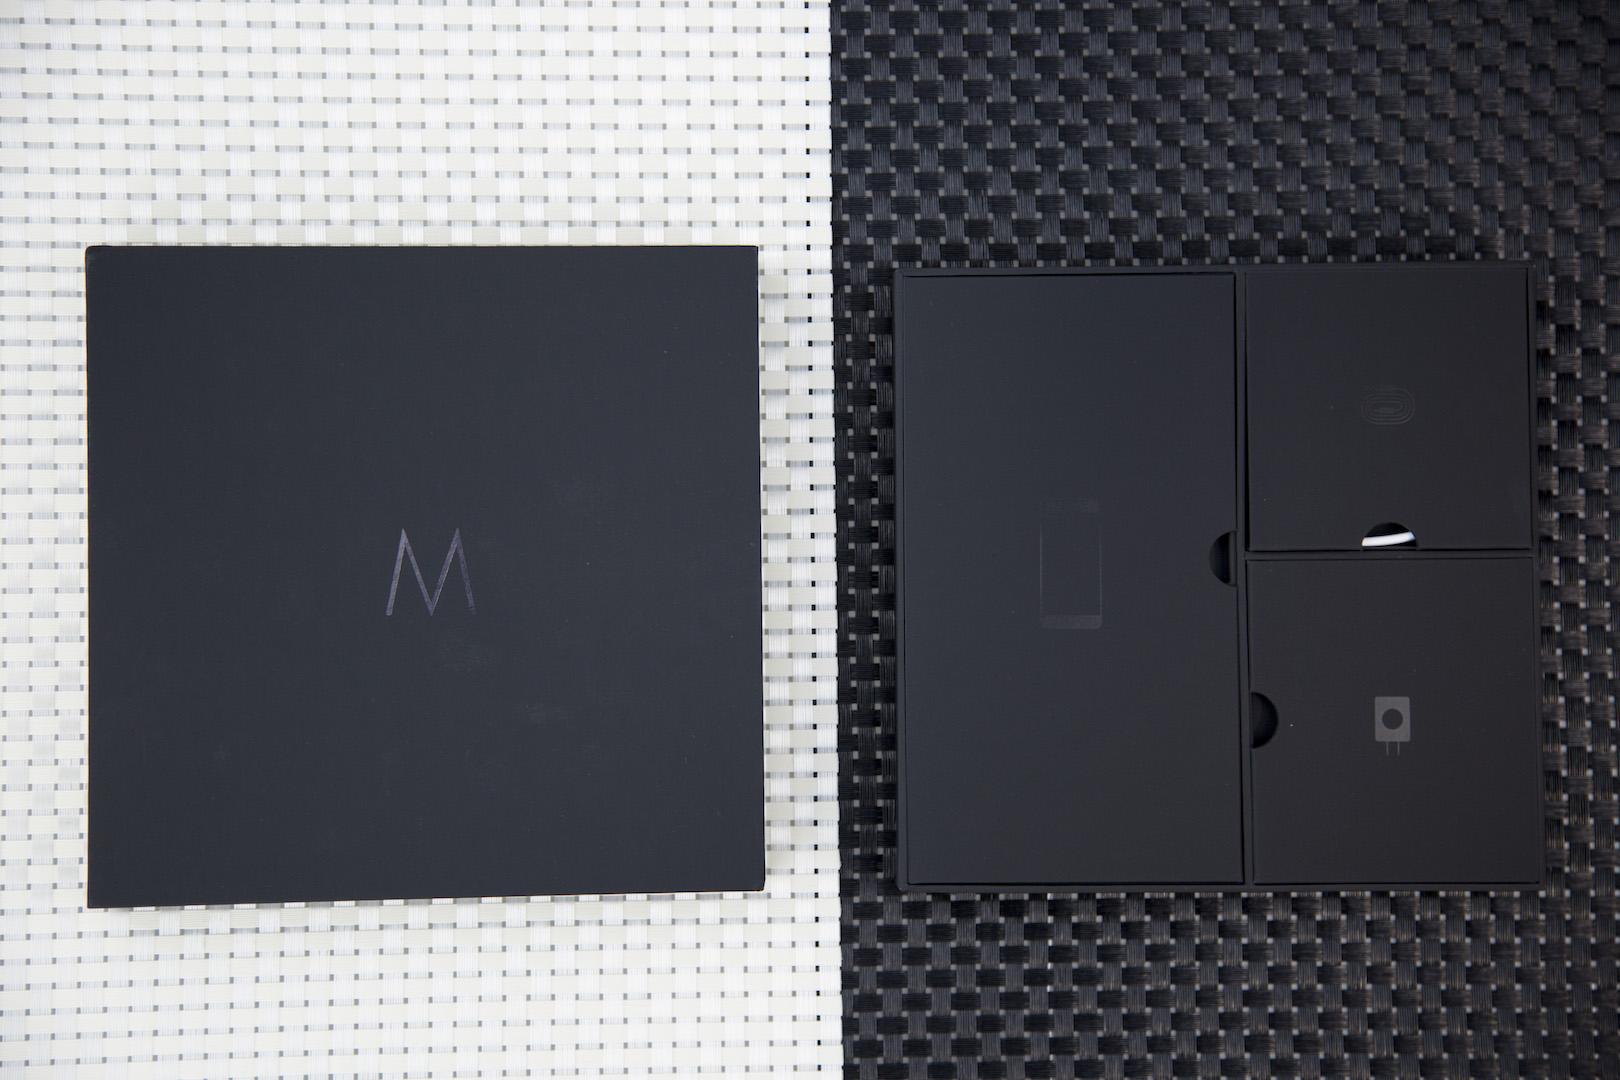 smartisan-m1l_2